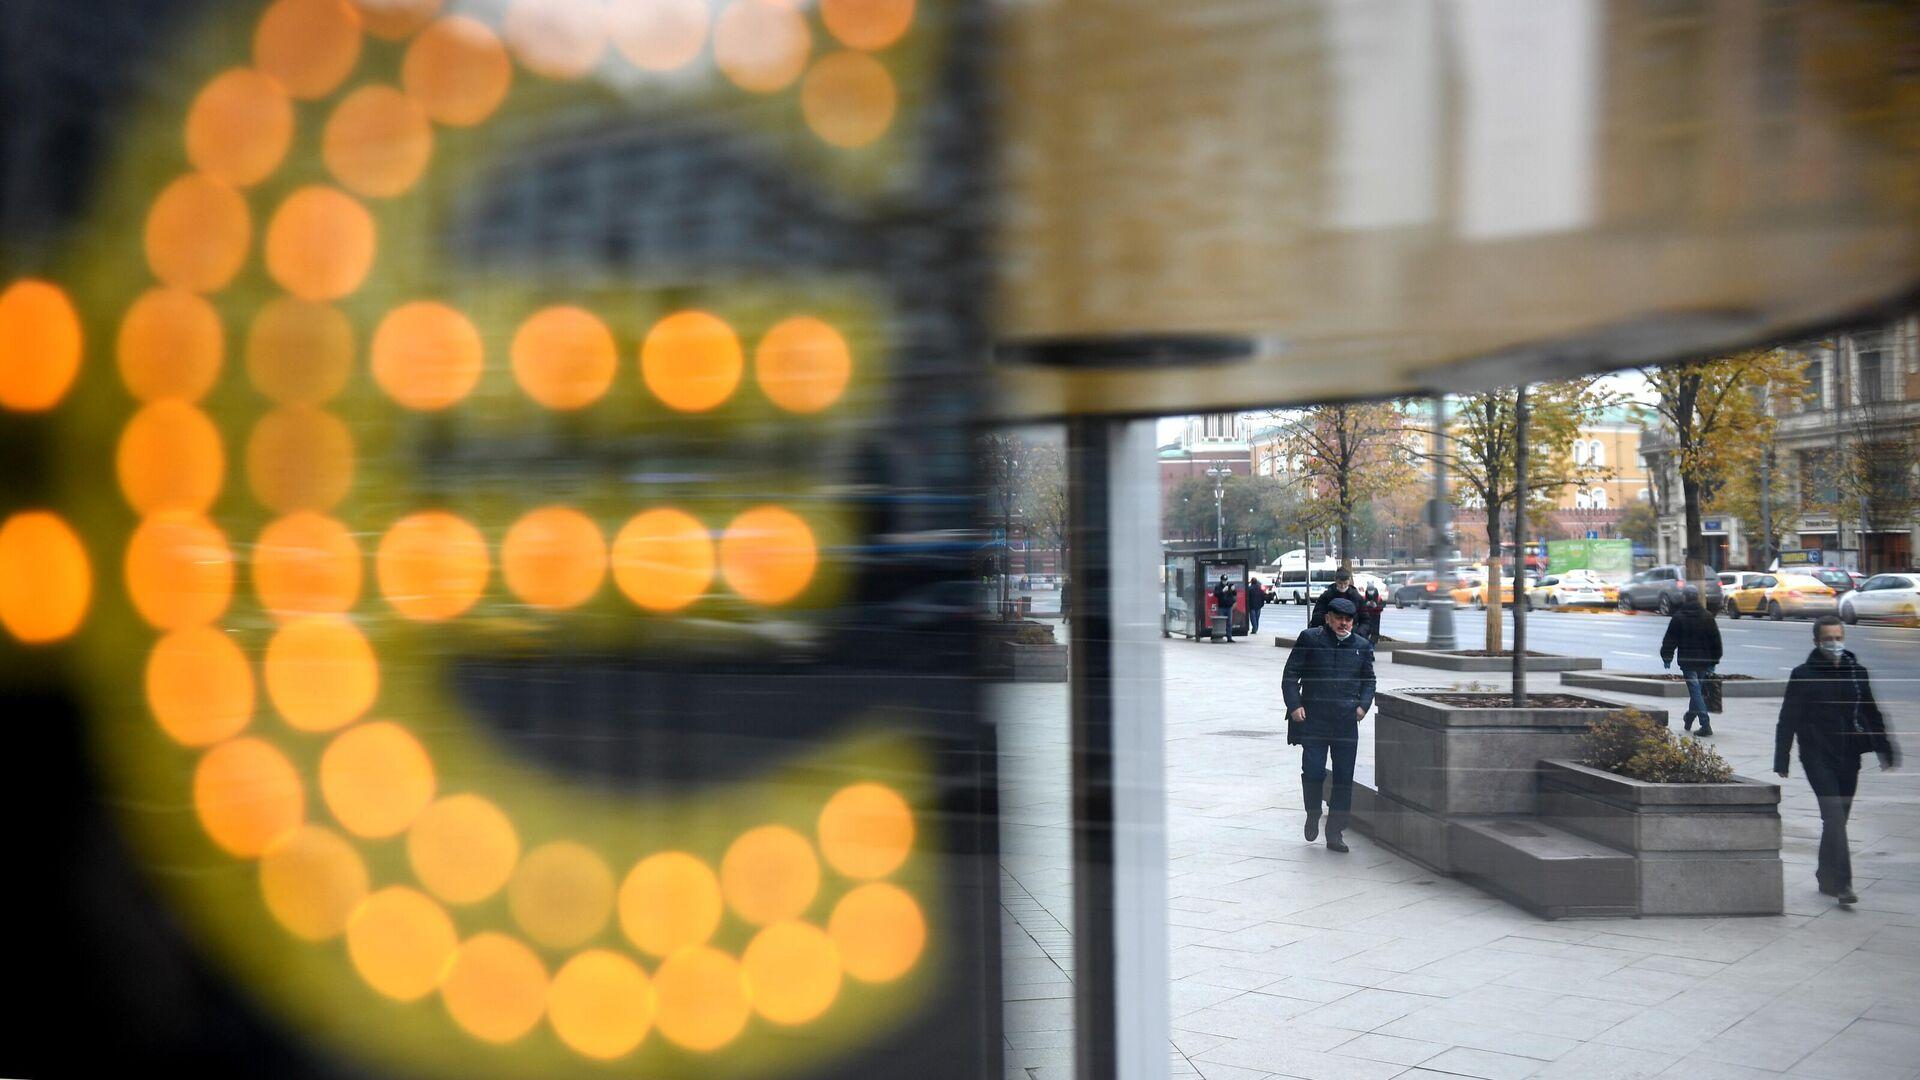 Электронное табло со знаком евро на одной из улиц в Москве - РИА Новости, 1920, 12.01.2021